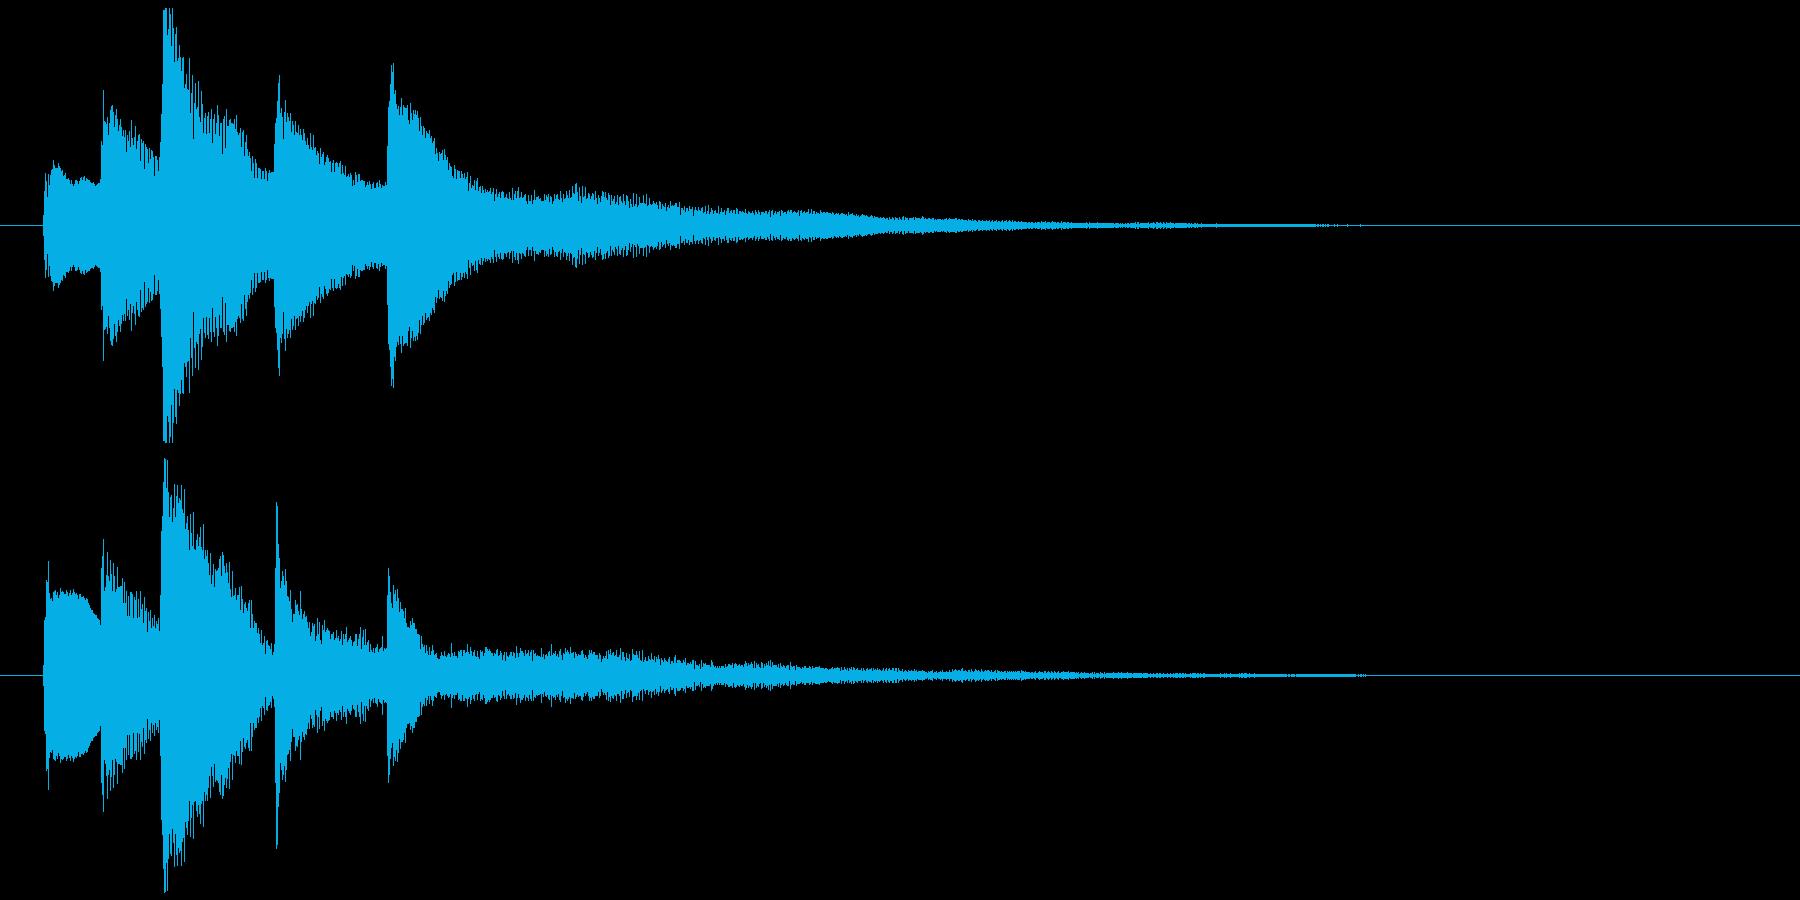 ピアノソロジングル08の再生済みの波形